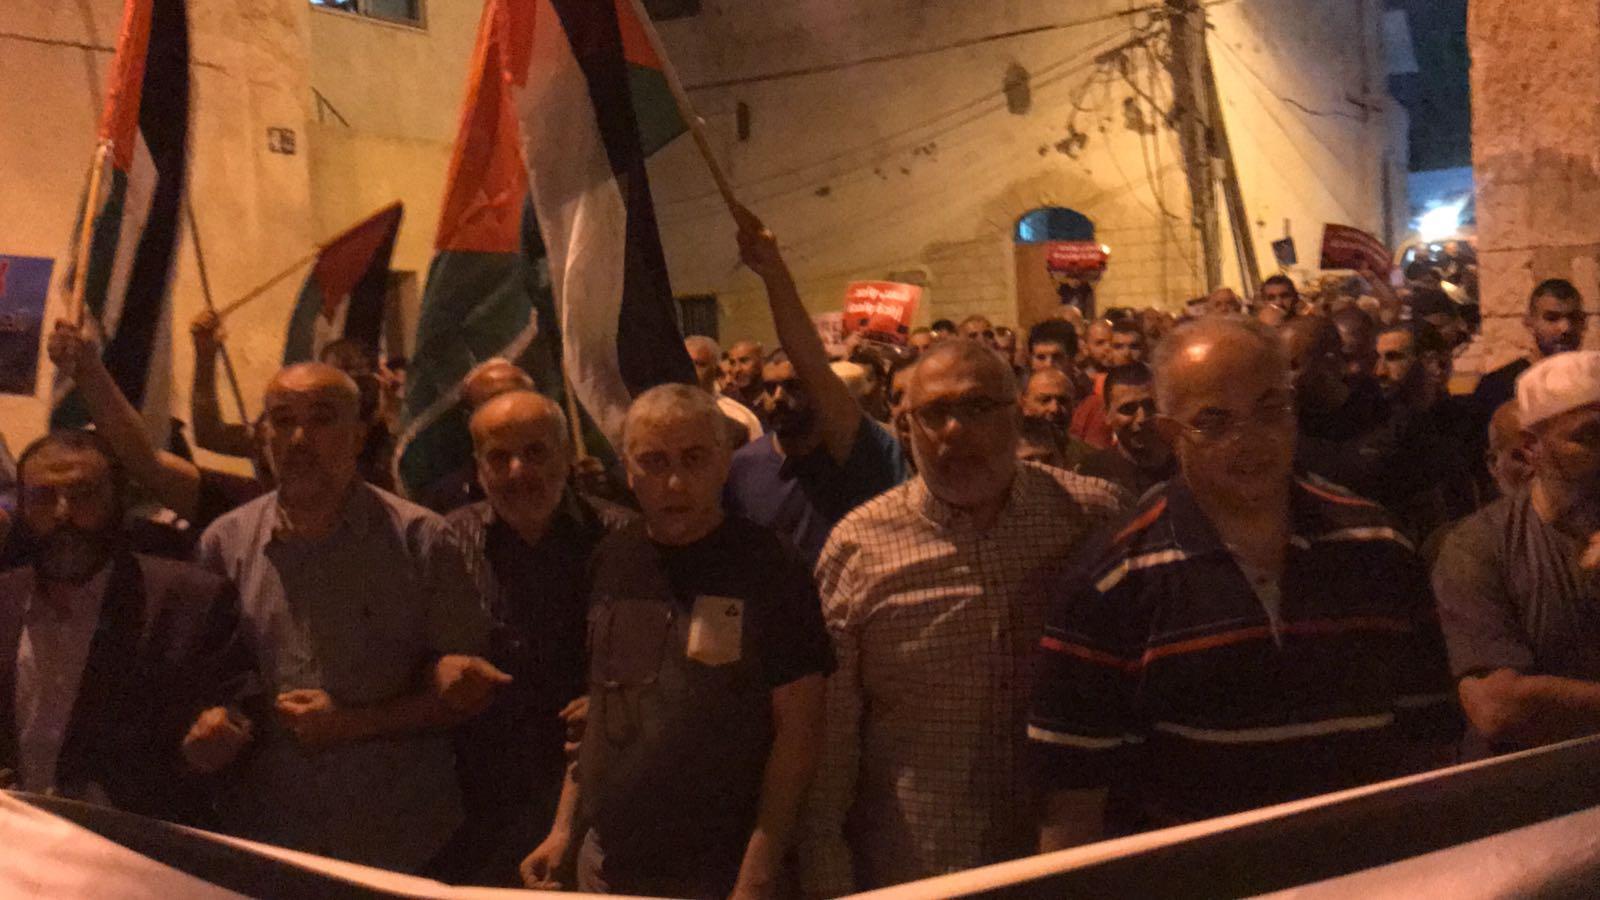 اعتقالات في مظاهرات احتجاجية على مجازر الاحتلال بغزة